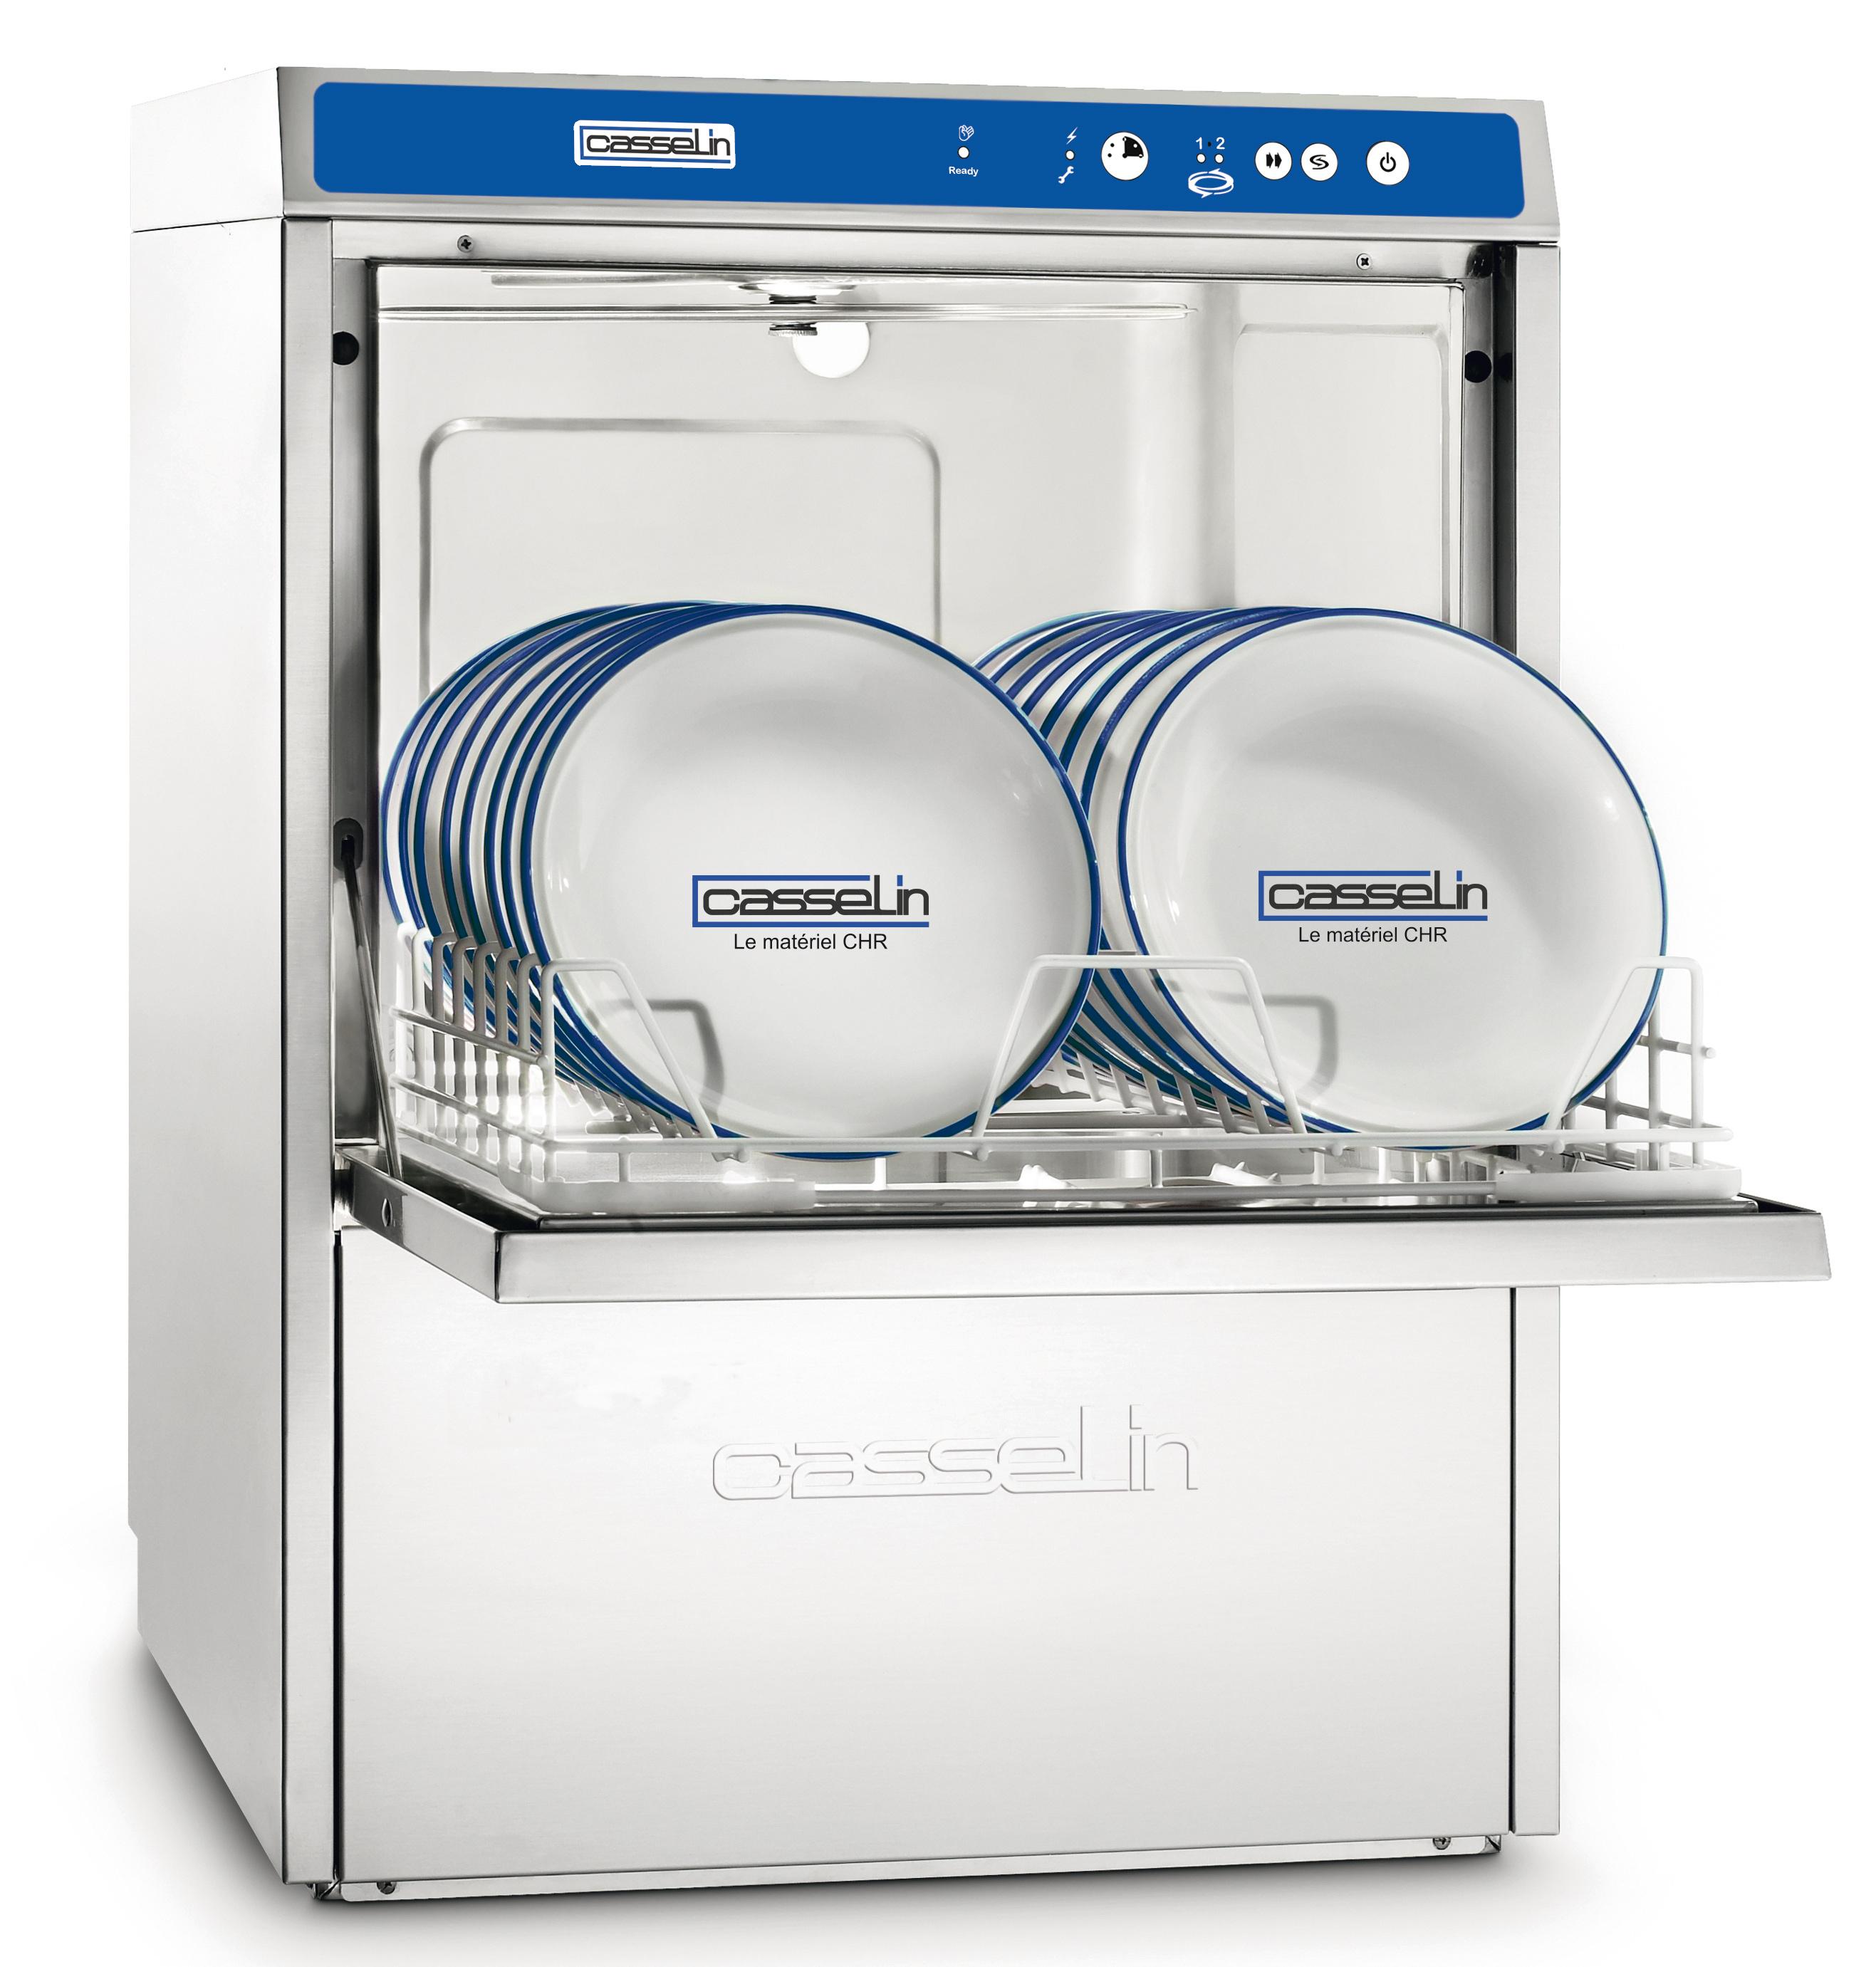 Lave-vaisselle Double paroi avec adoucisseur et pompe de vidange intégrés